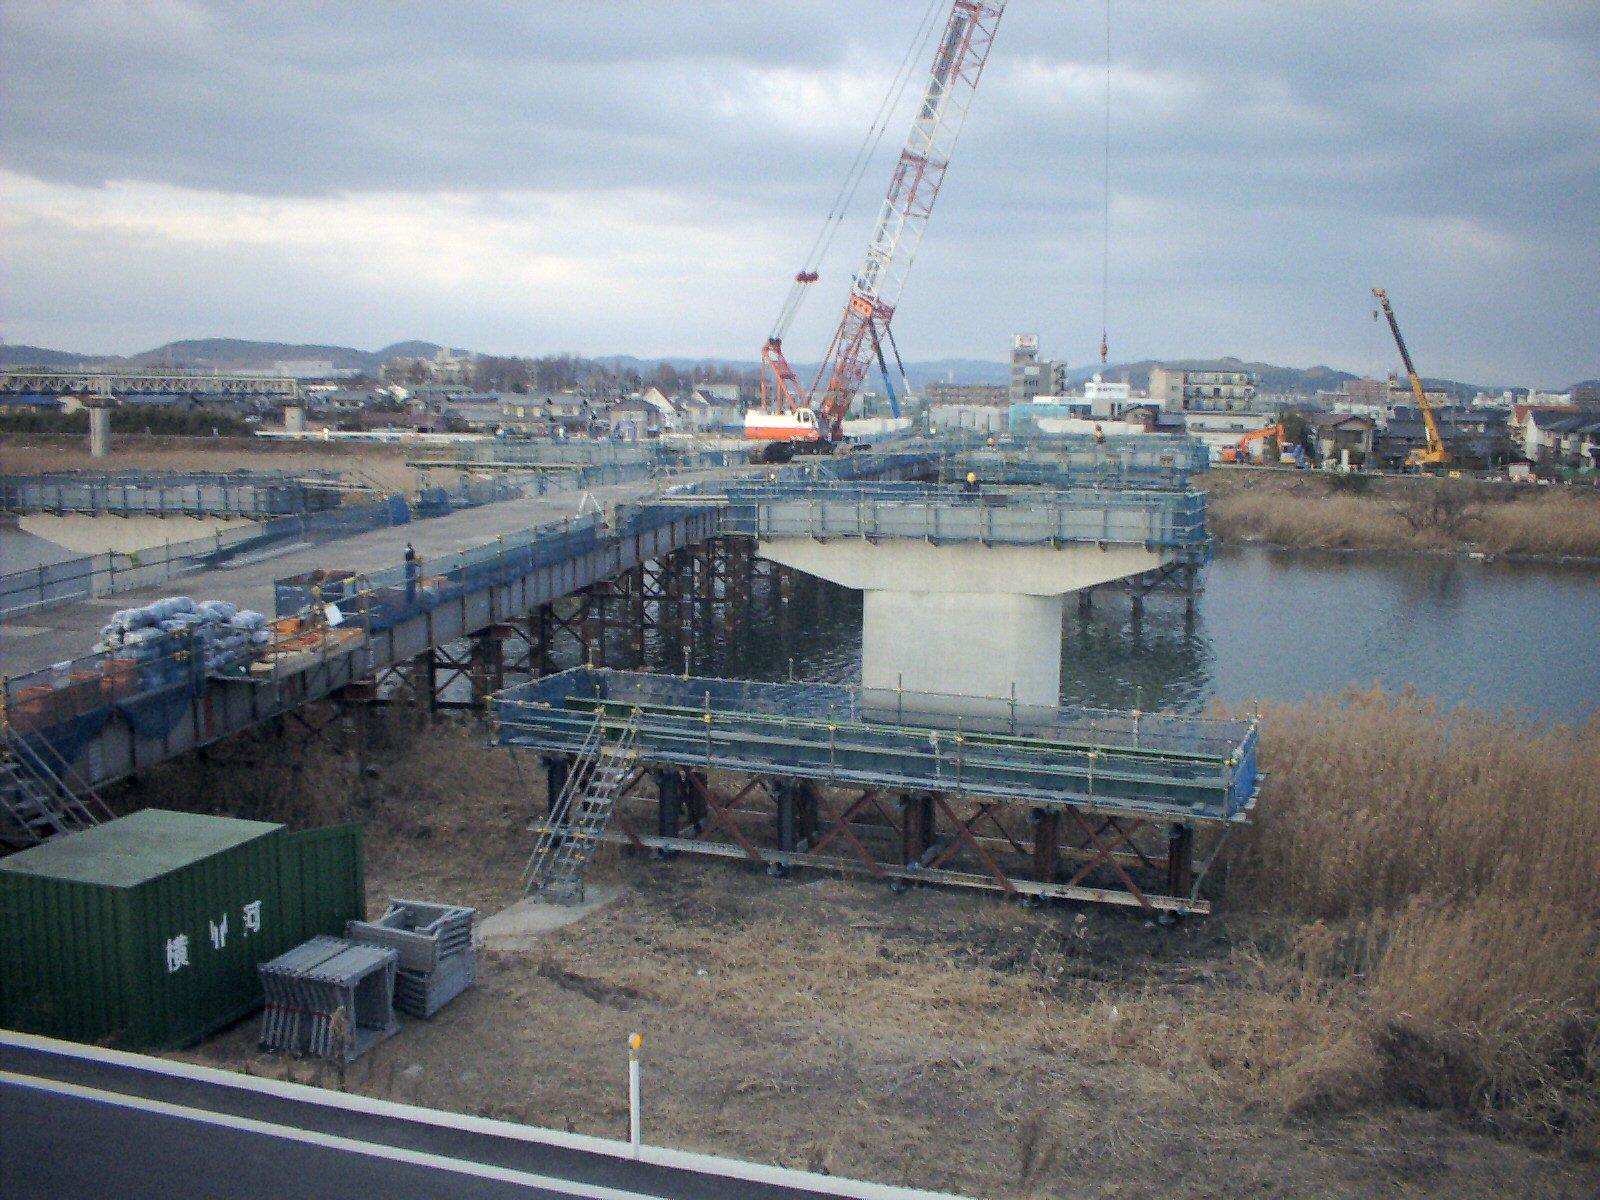 岡山西バイパス笹ヶ瀬川第1橋仮桟橋工事 施工実績